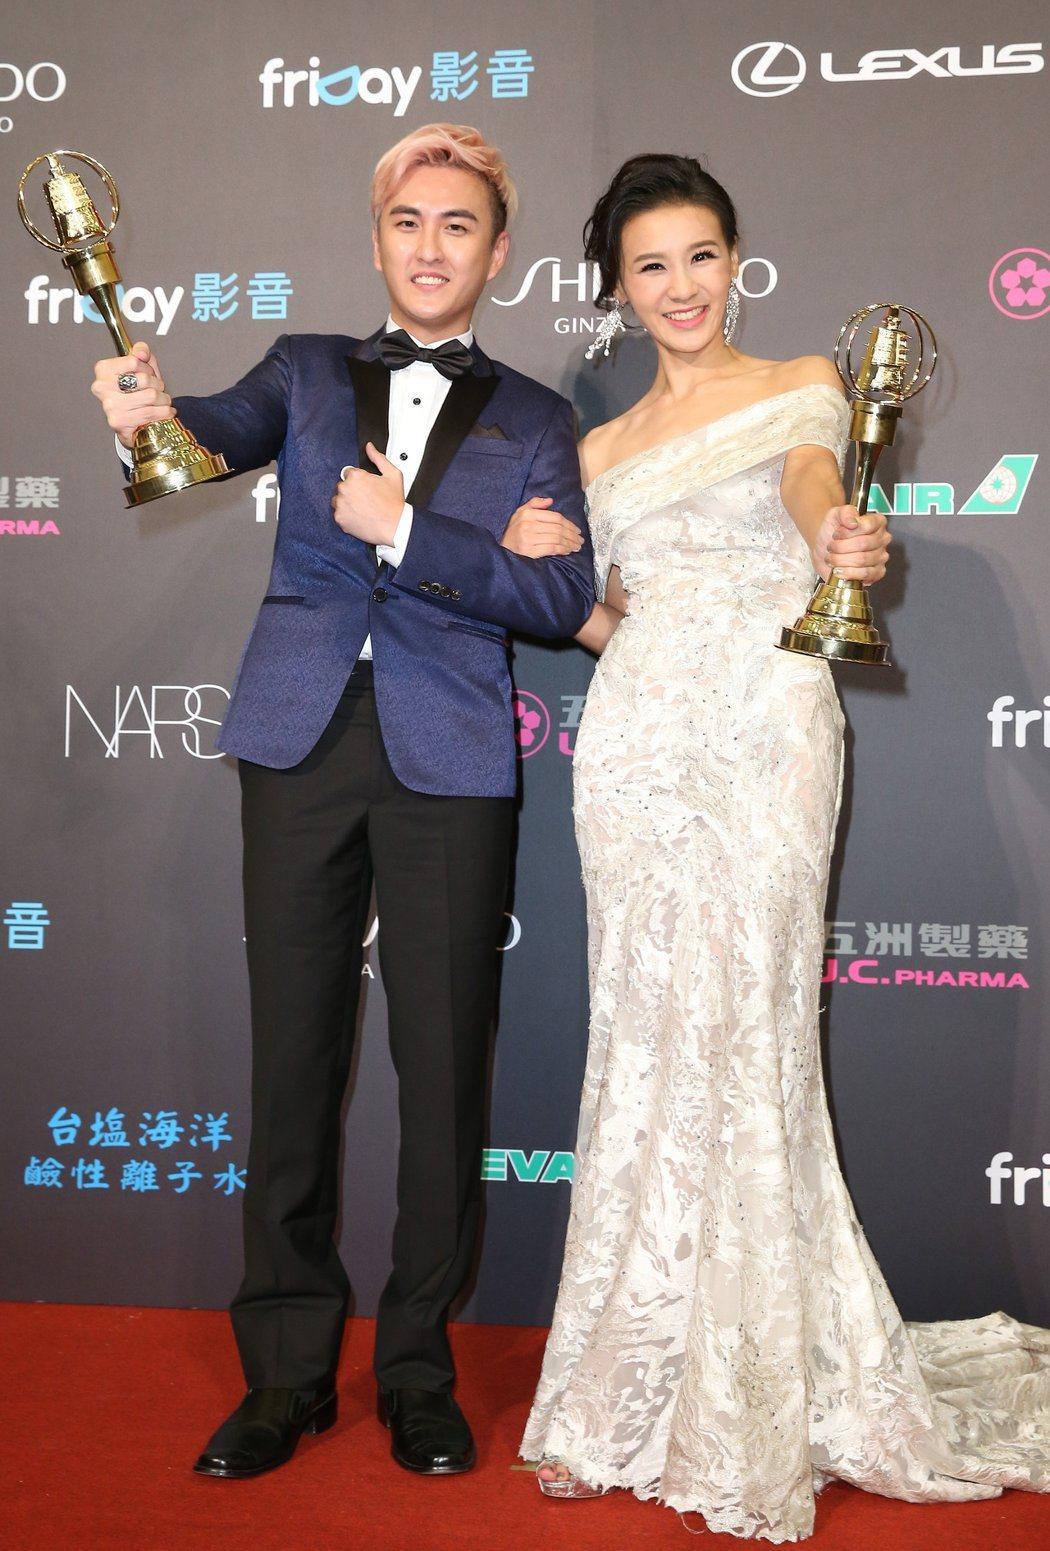 藝人黃靖倫(左)日前拍攝電視台戲劇時,一場躺在海邊沙灘的戲,因大量海水灌進他的耳...